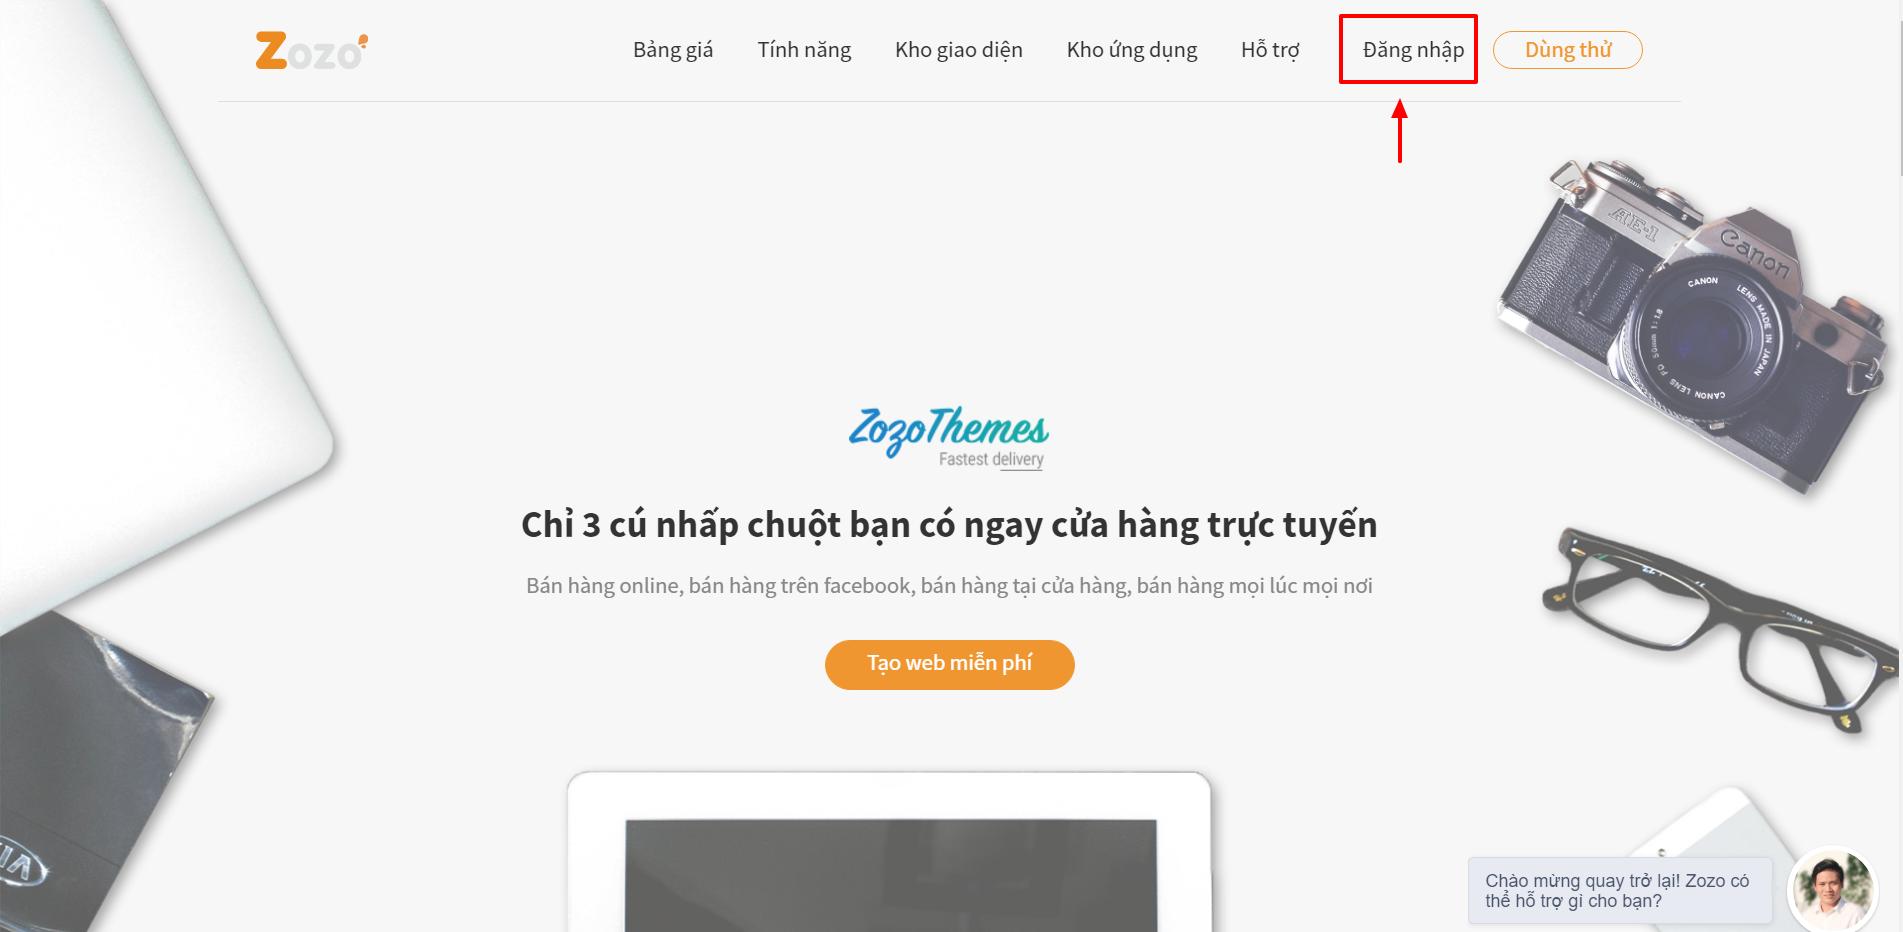 Đăng nhập trang quản trị website